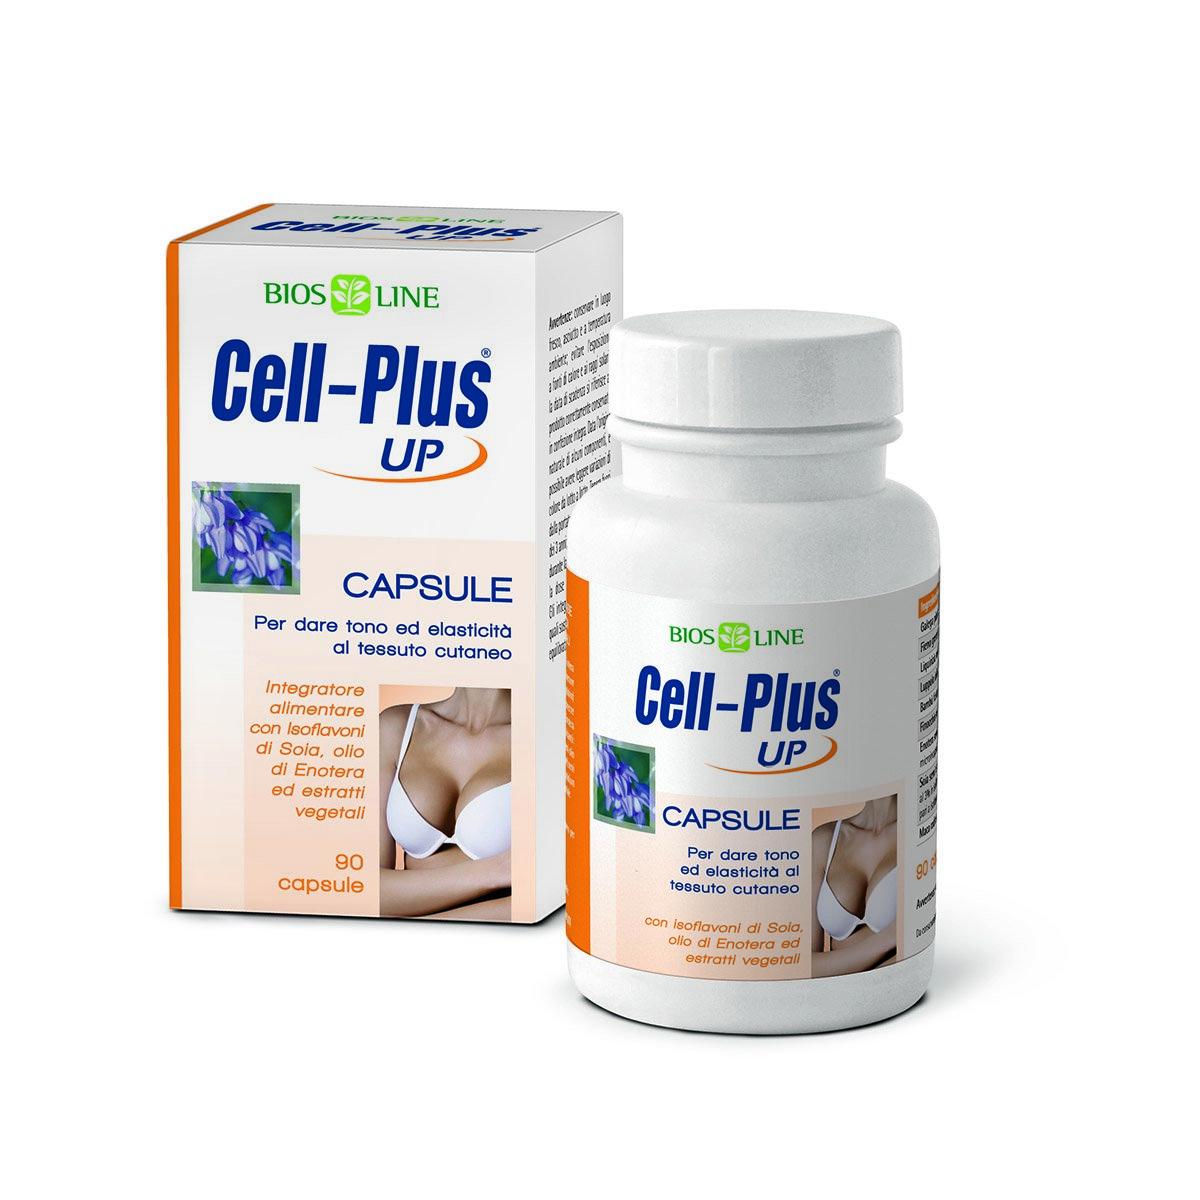 CELL-PLUS UP INTEGRATORE 90 CAPSULE